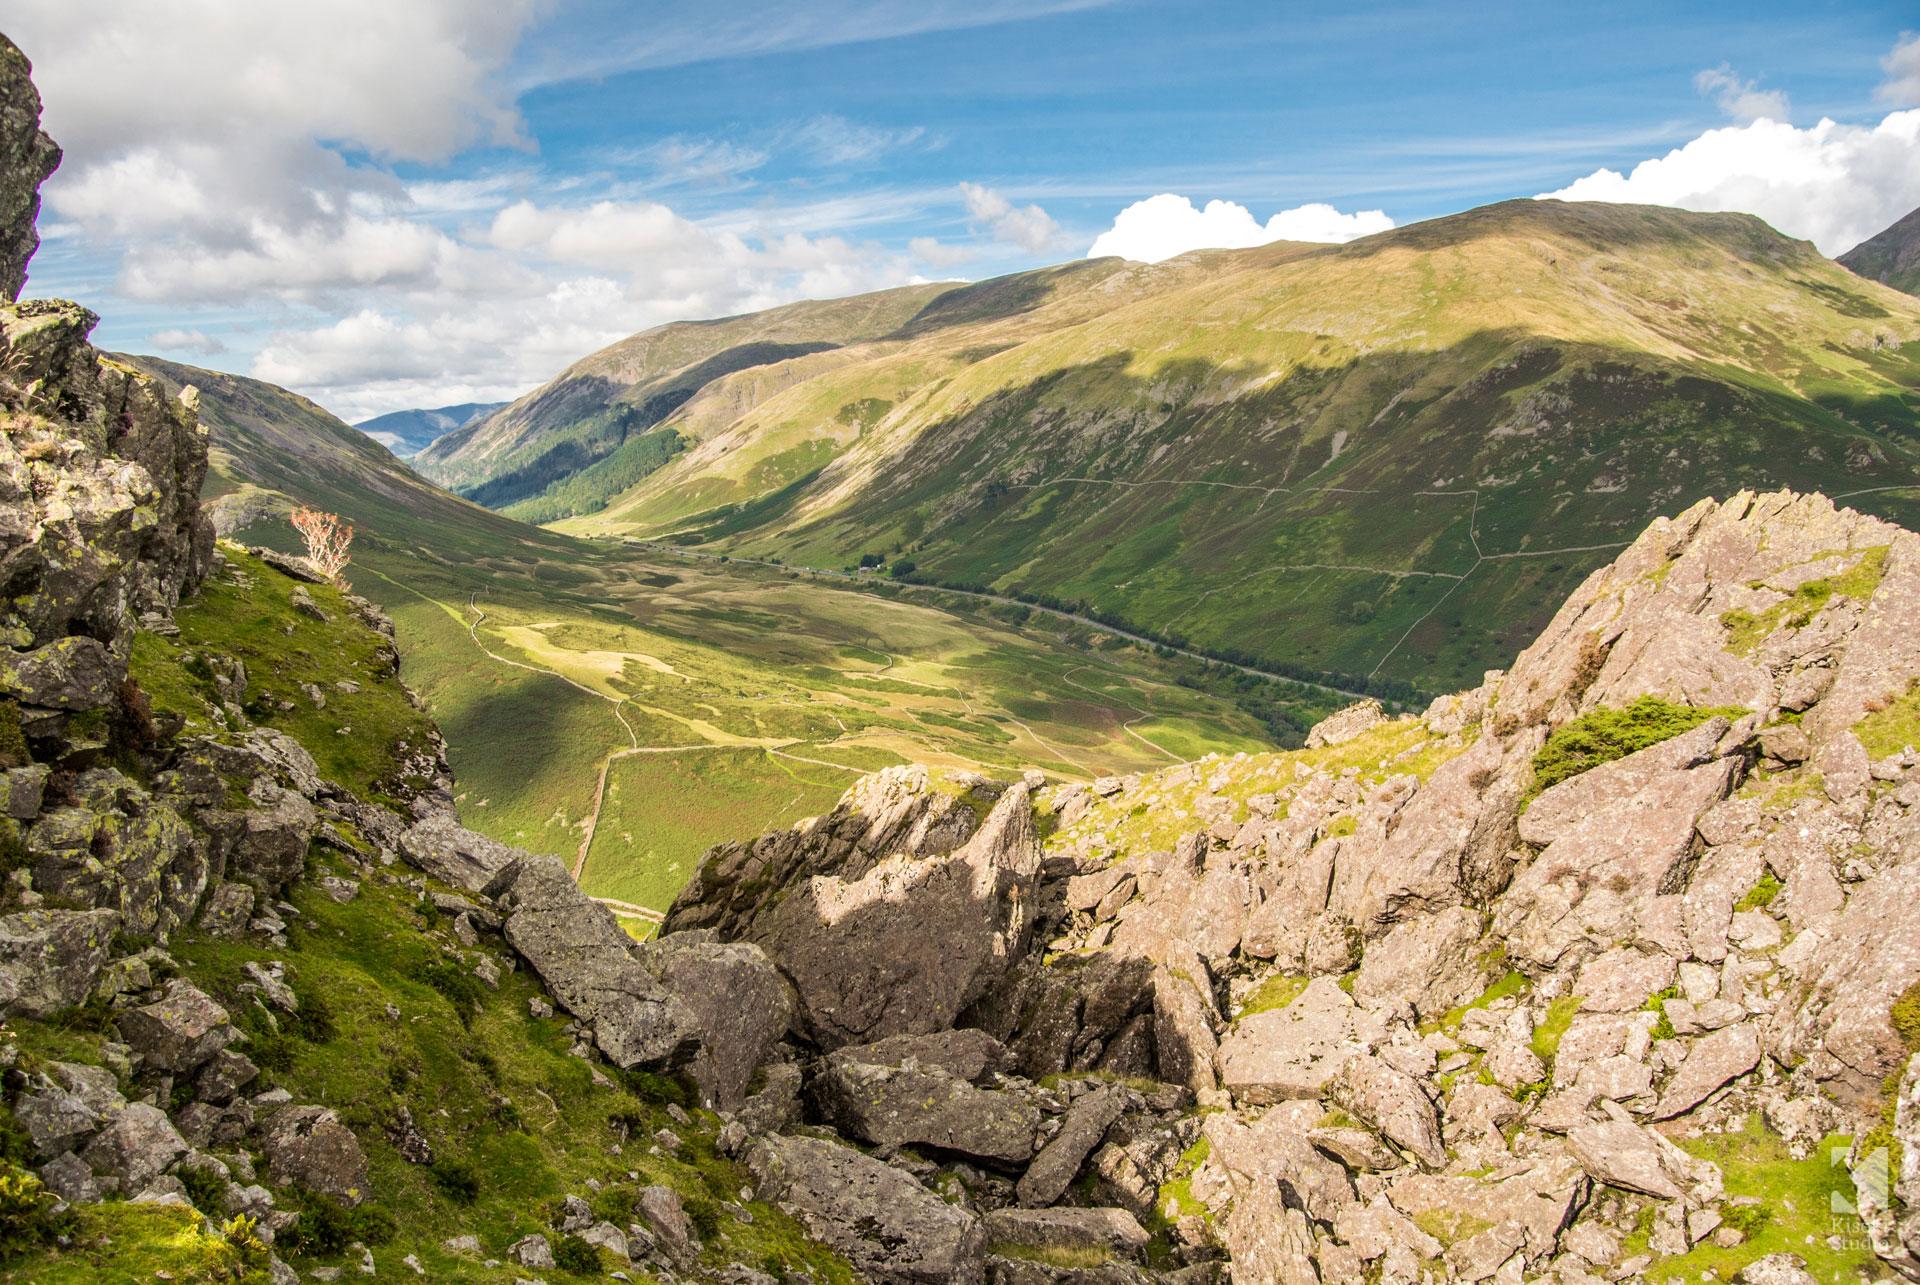 grasmere-lake-district-lion-and-lamb-walking-rambling-rocks-mountains